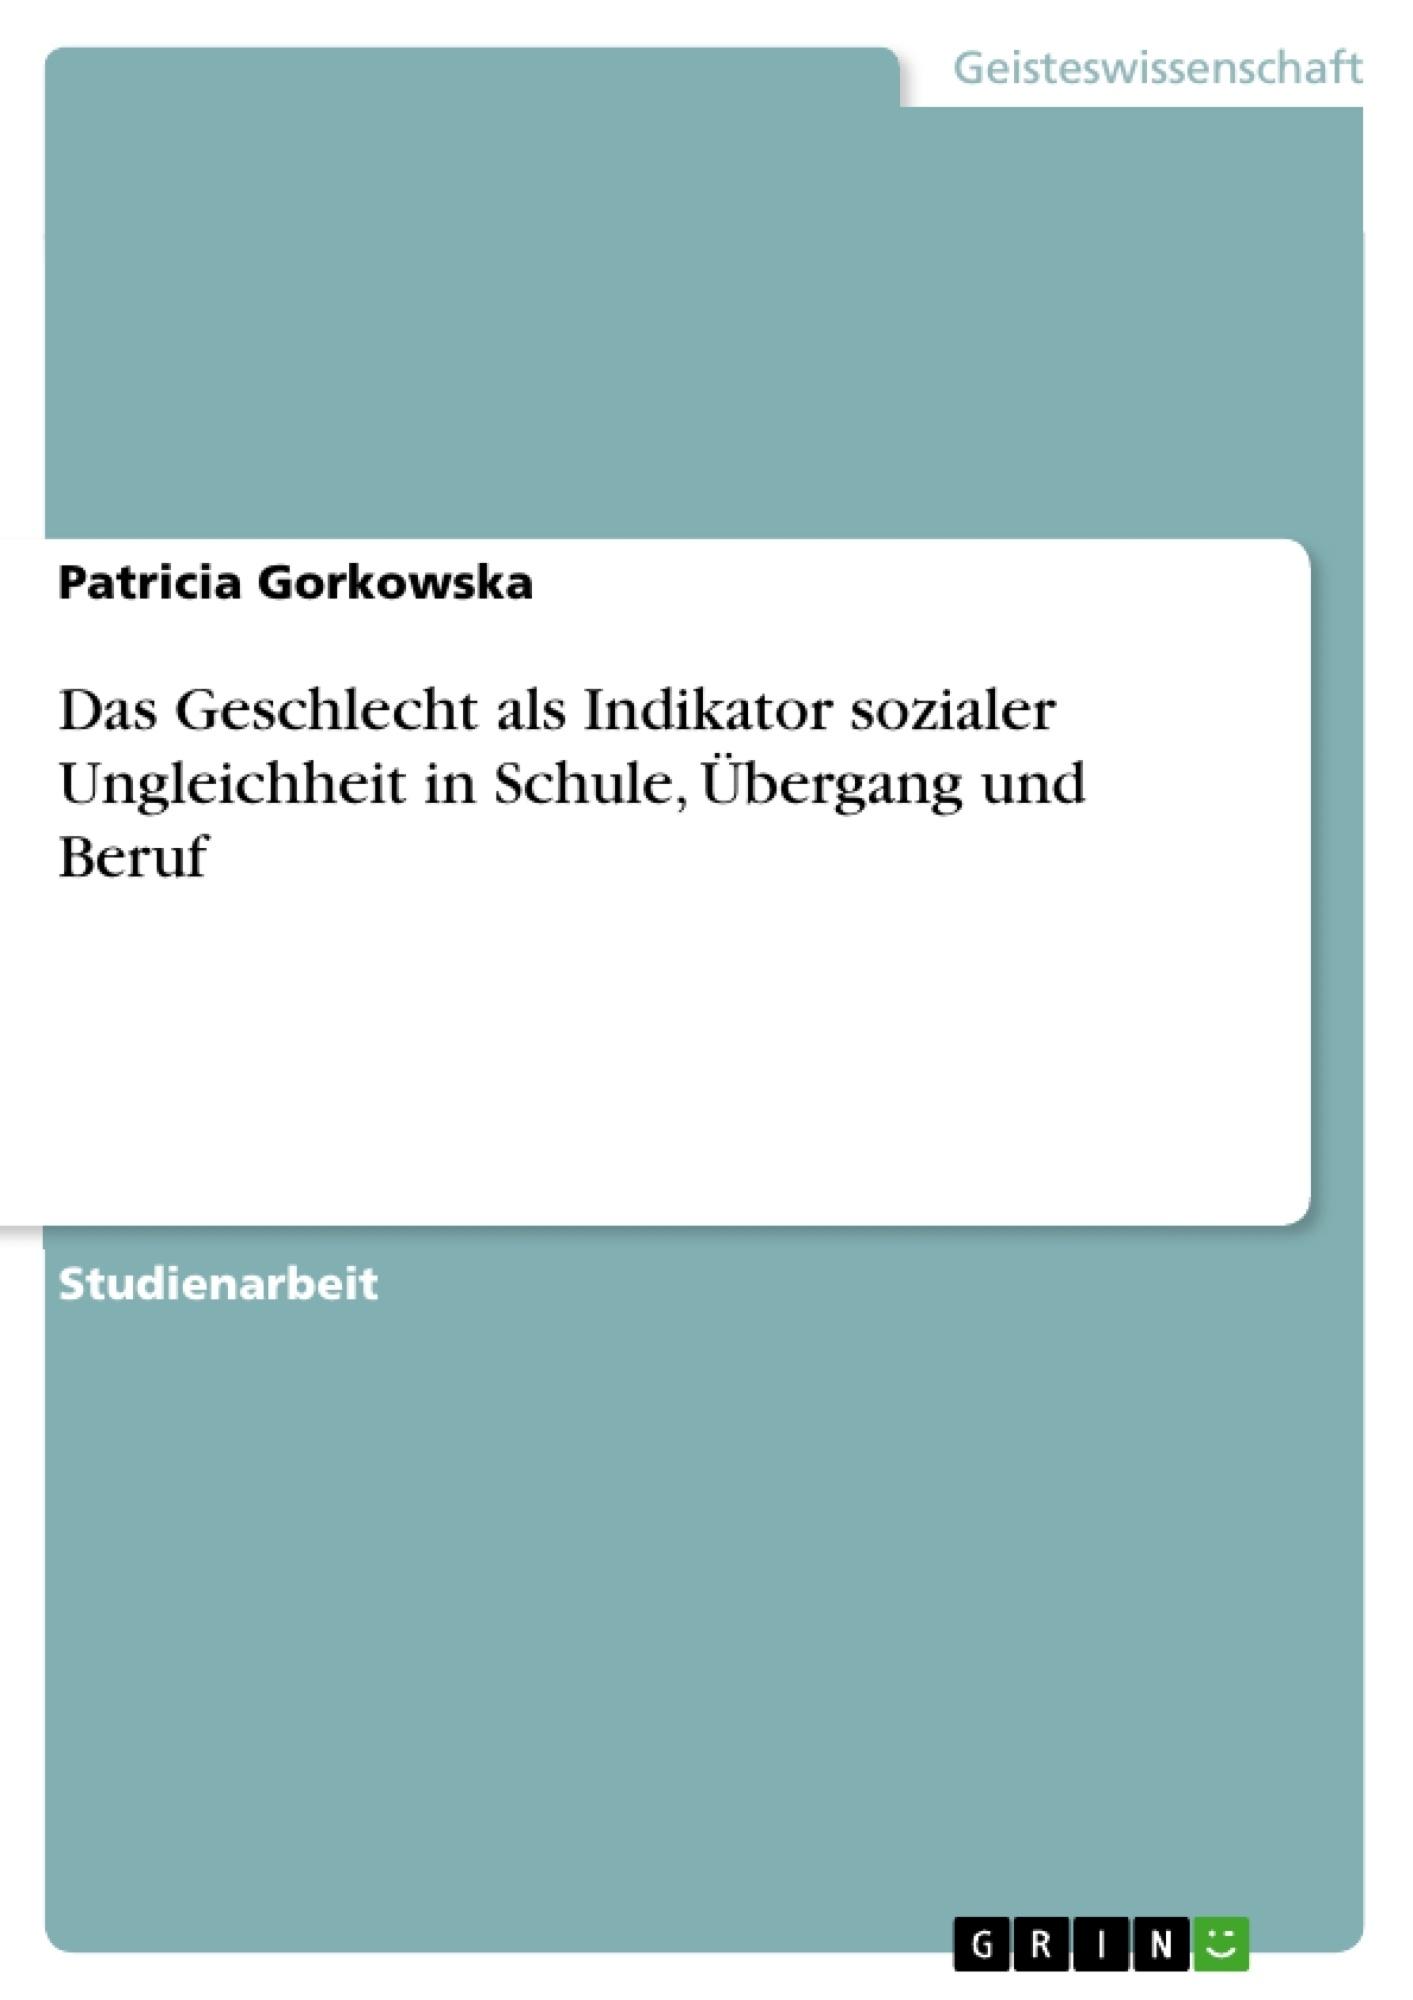 Titel: Das Geschlecht als Indikator sozialer Ungleichheit in Schule, Übergang und Beruf